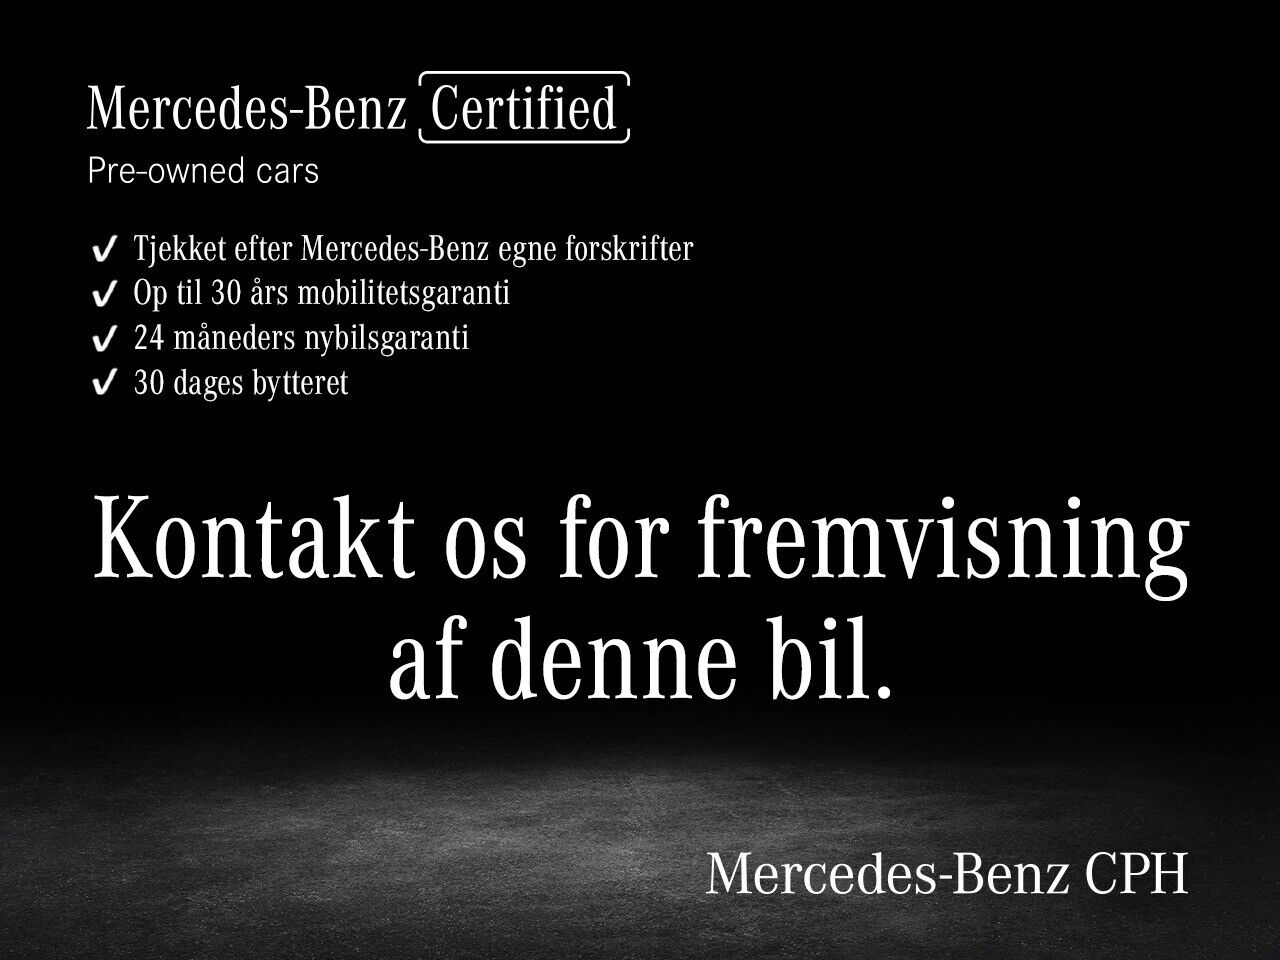 Mercedes E350 2,0 AMG Line Cabriolet aut. 2d - 939.900 kr.